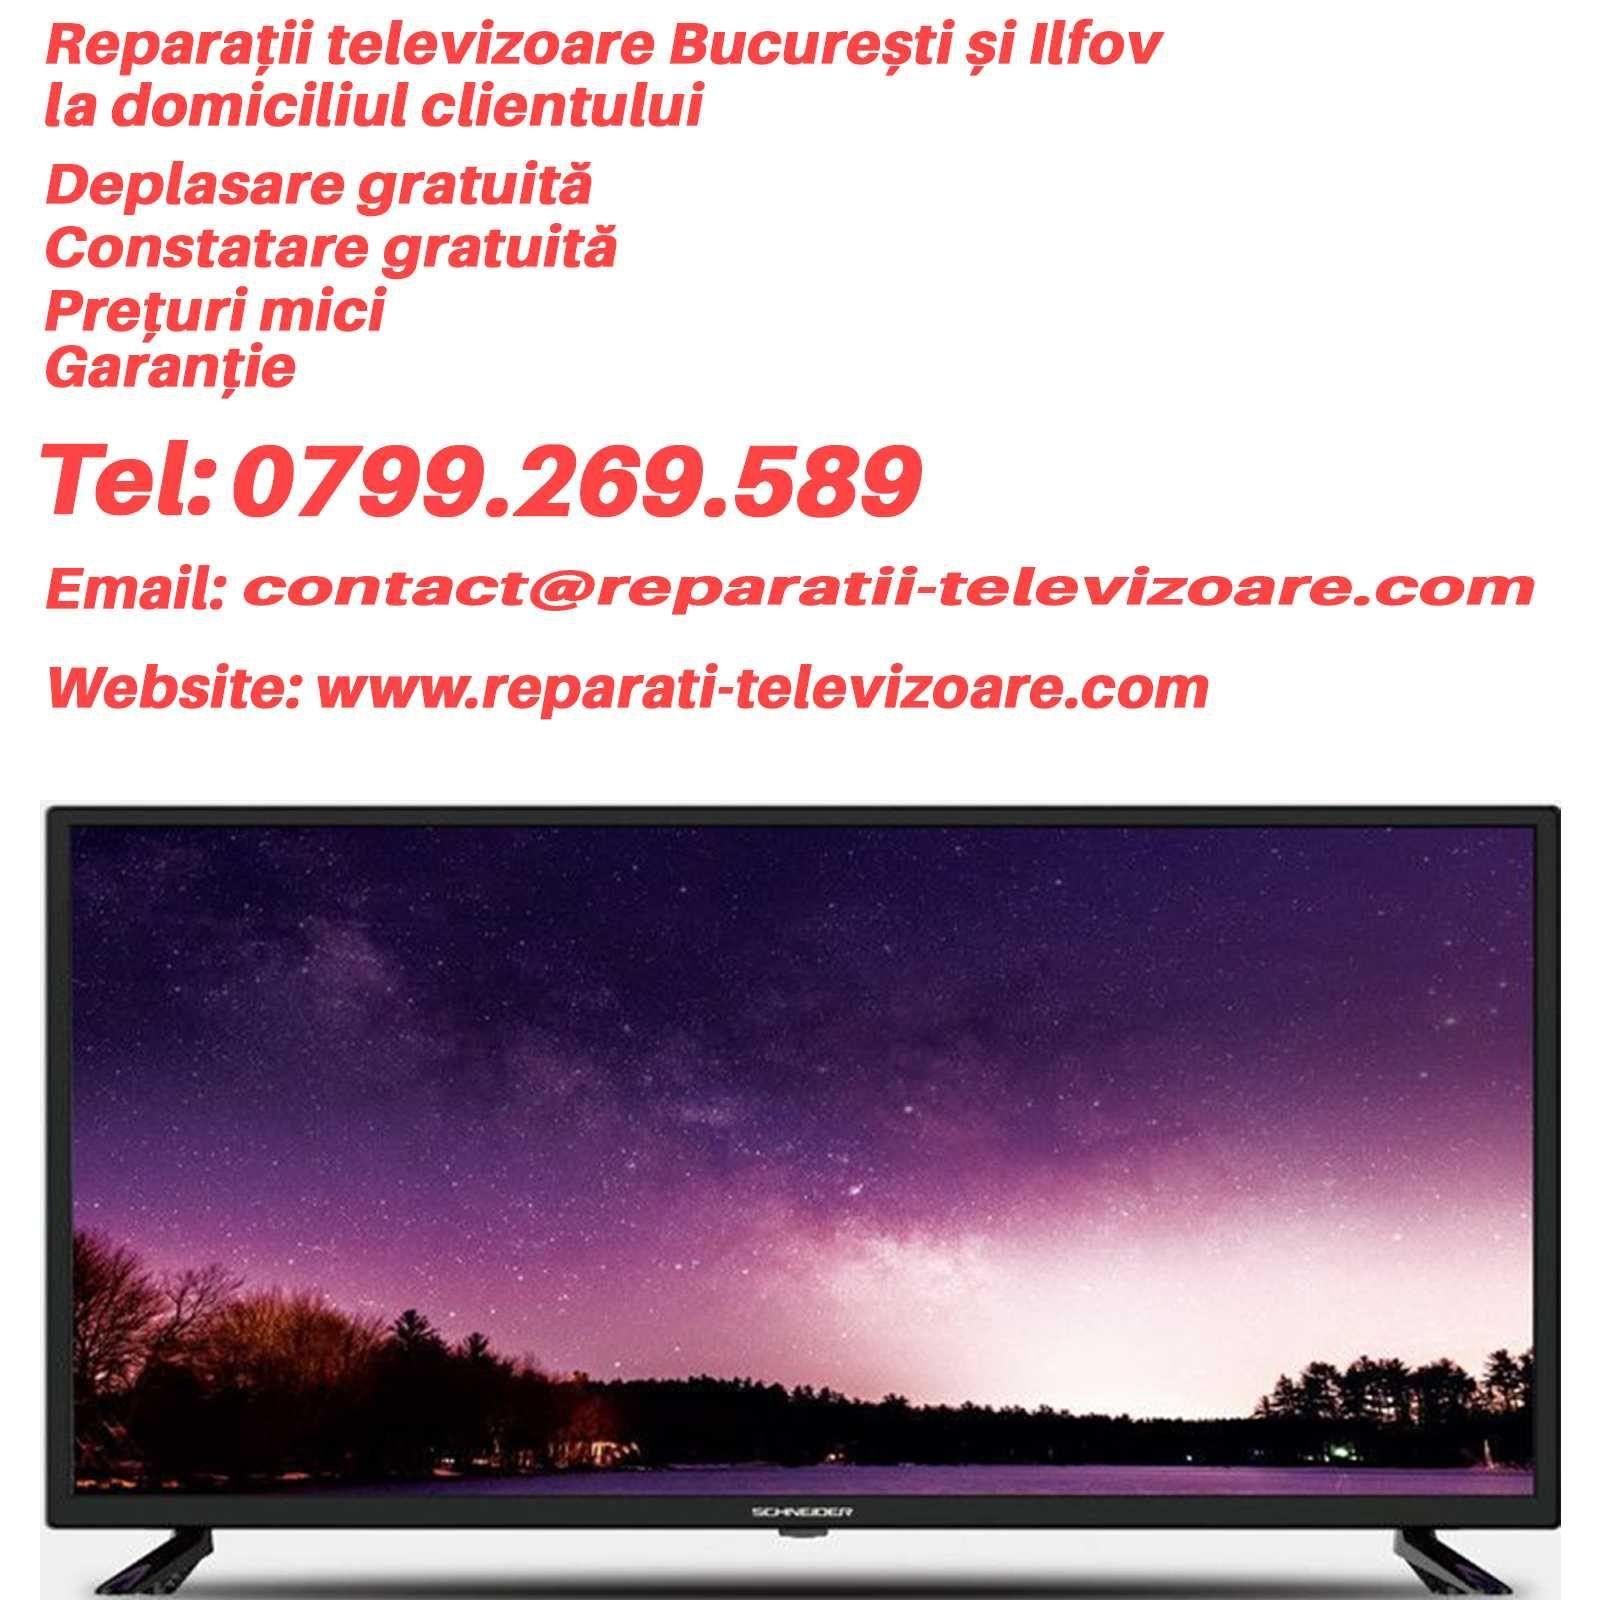 Reparatii televizoare LED, LCD, SMART TV in Bucuresti si Ilfov